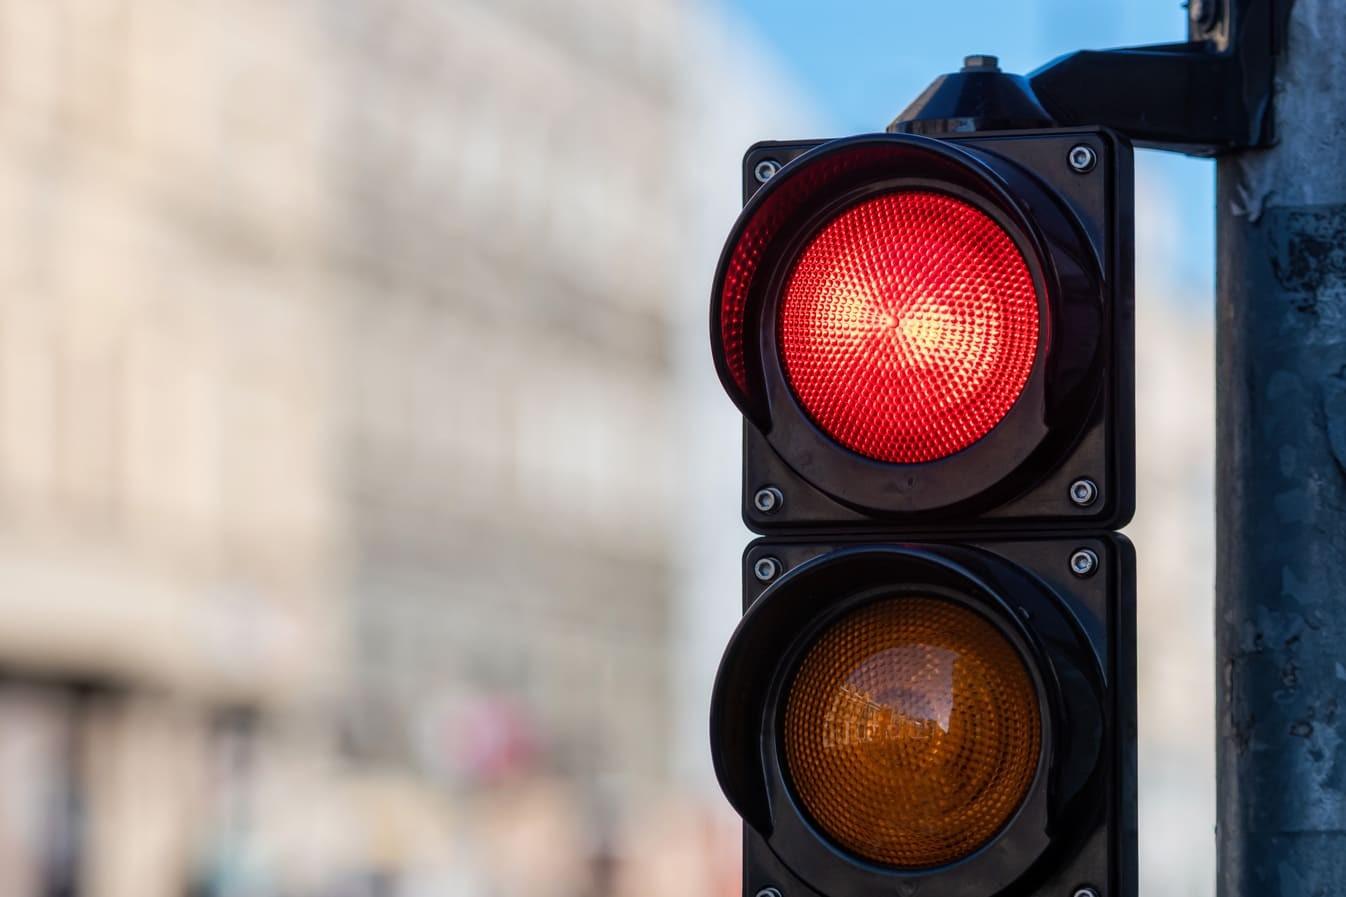 Restricciones de tráfico para camiones 2021